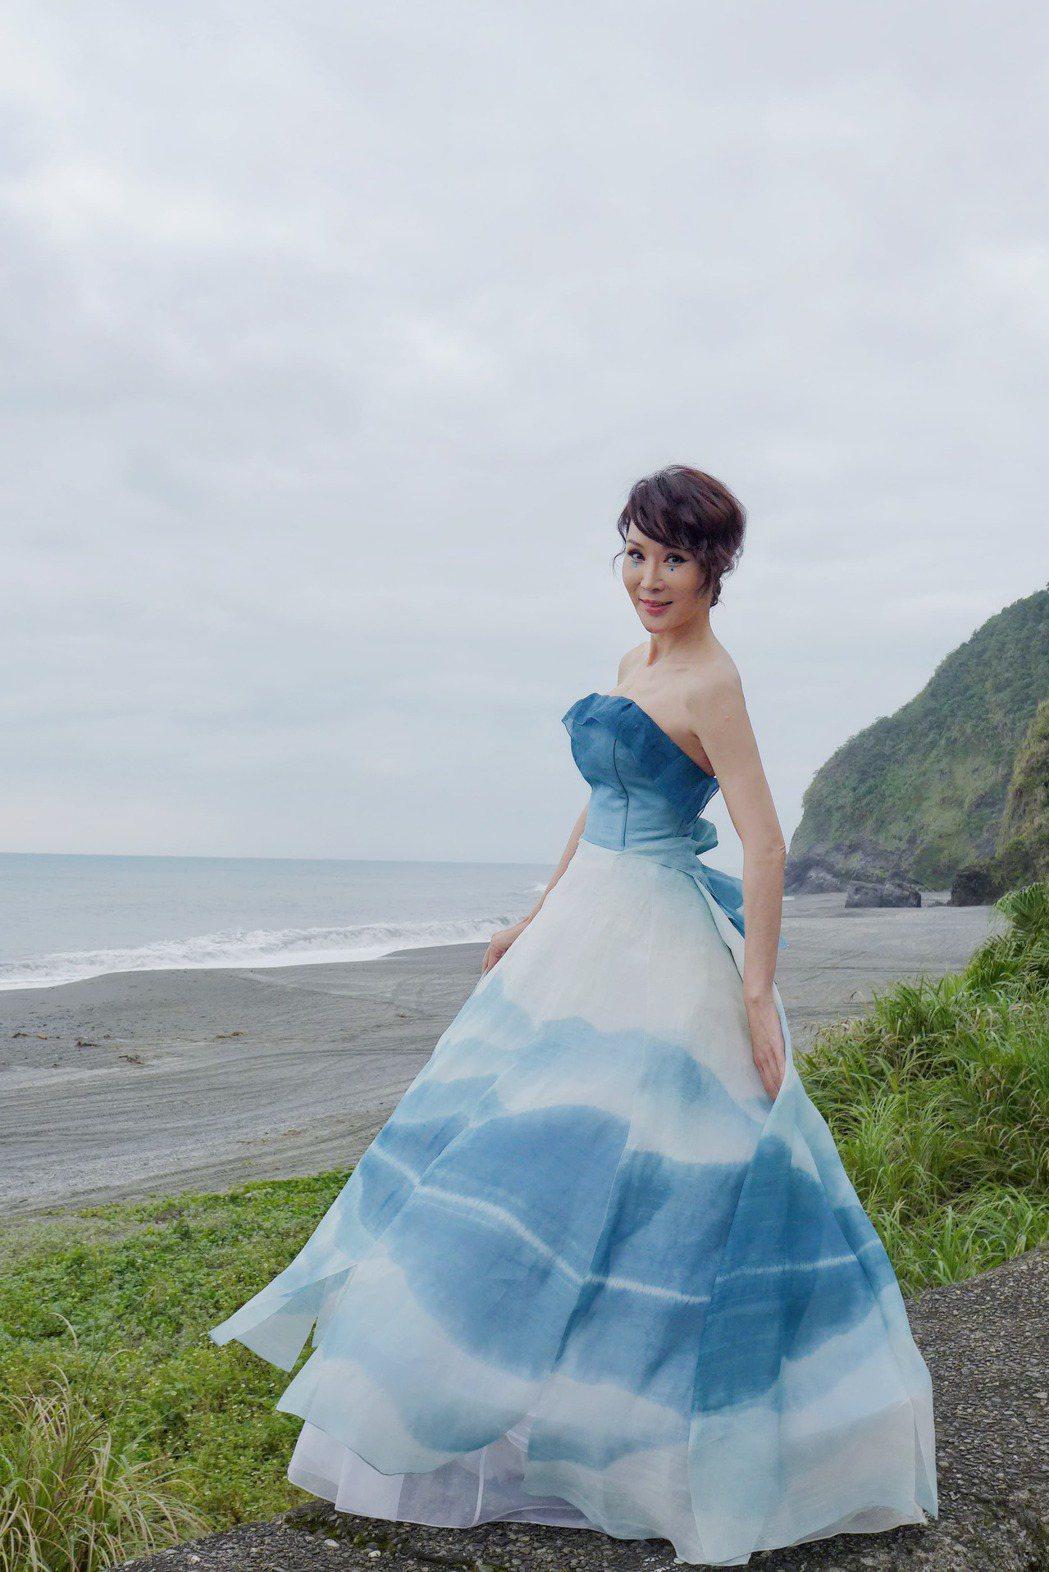 林千鈺到南方澳參加許艷玲2021春夏服裝發表會走秀。圖/許艷玲提供